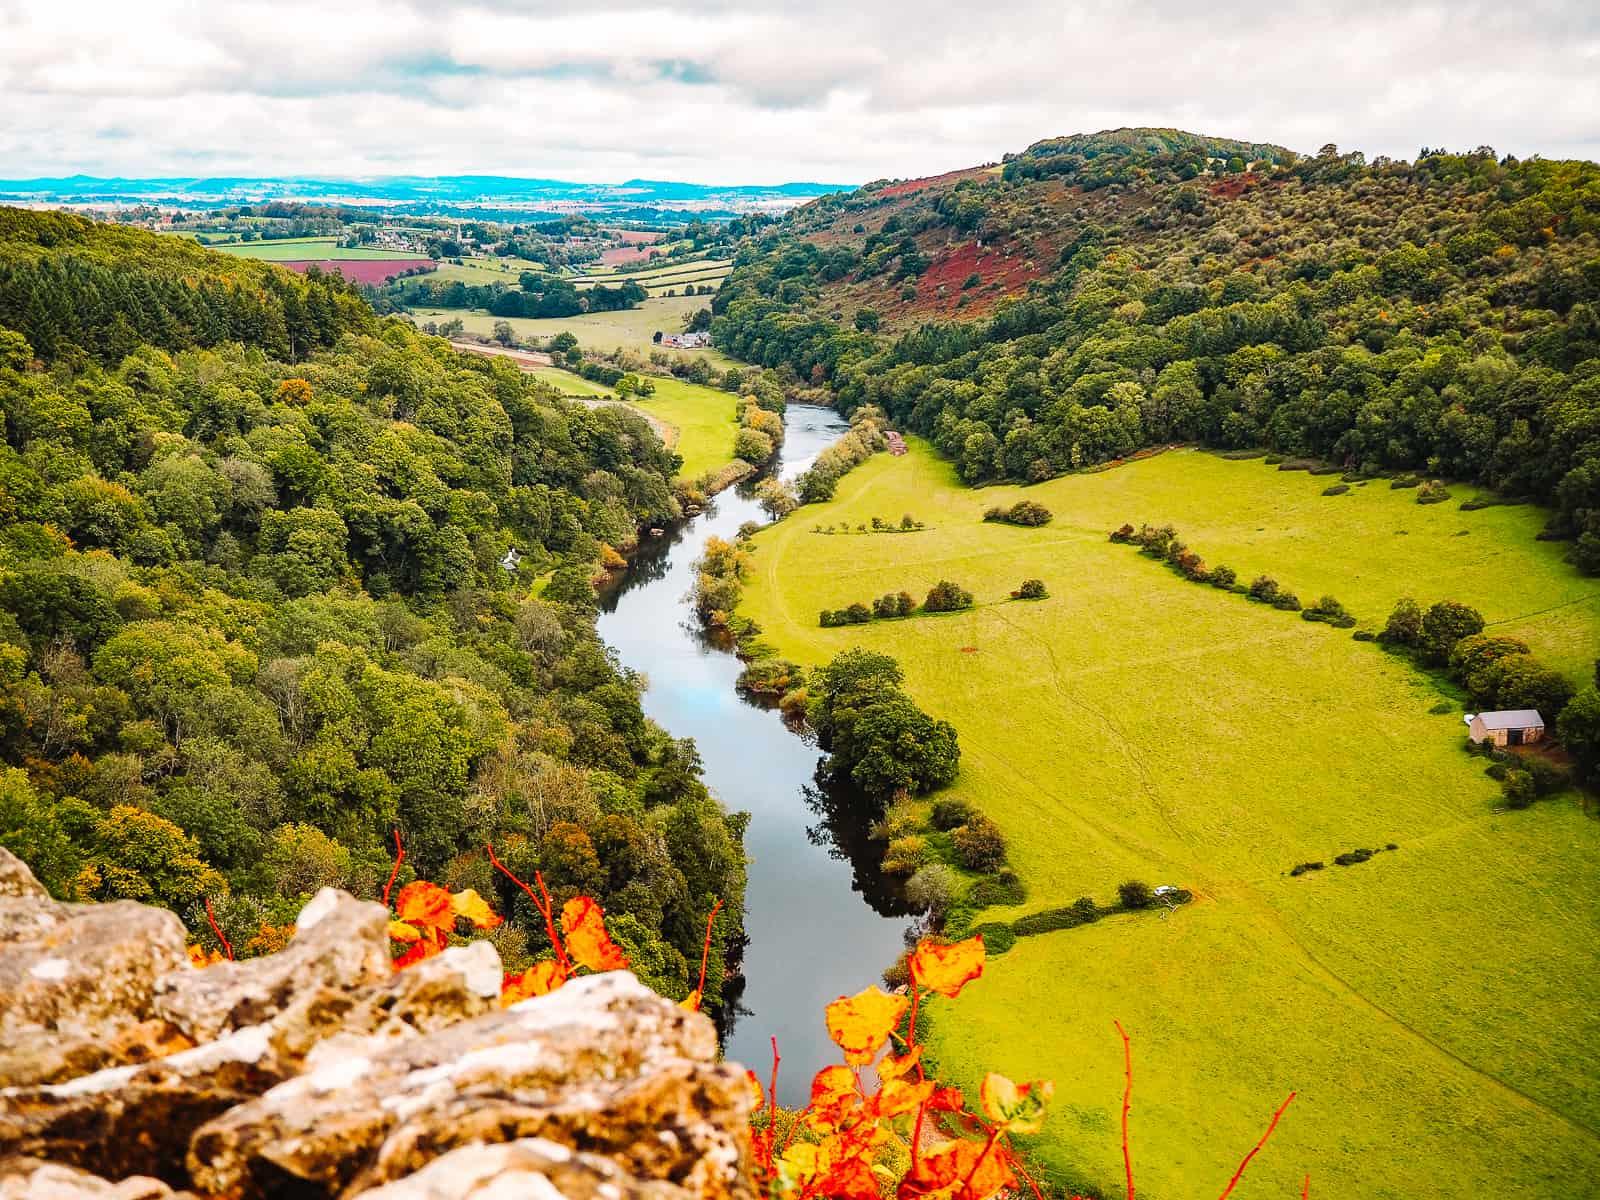 Symonds Yat Rock Viewpoint Wye Valley